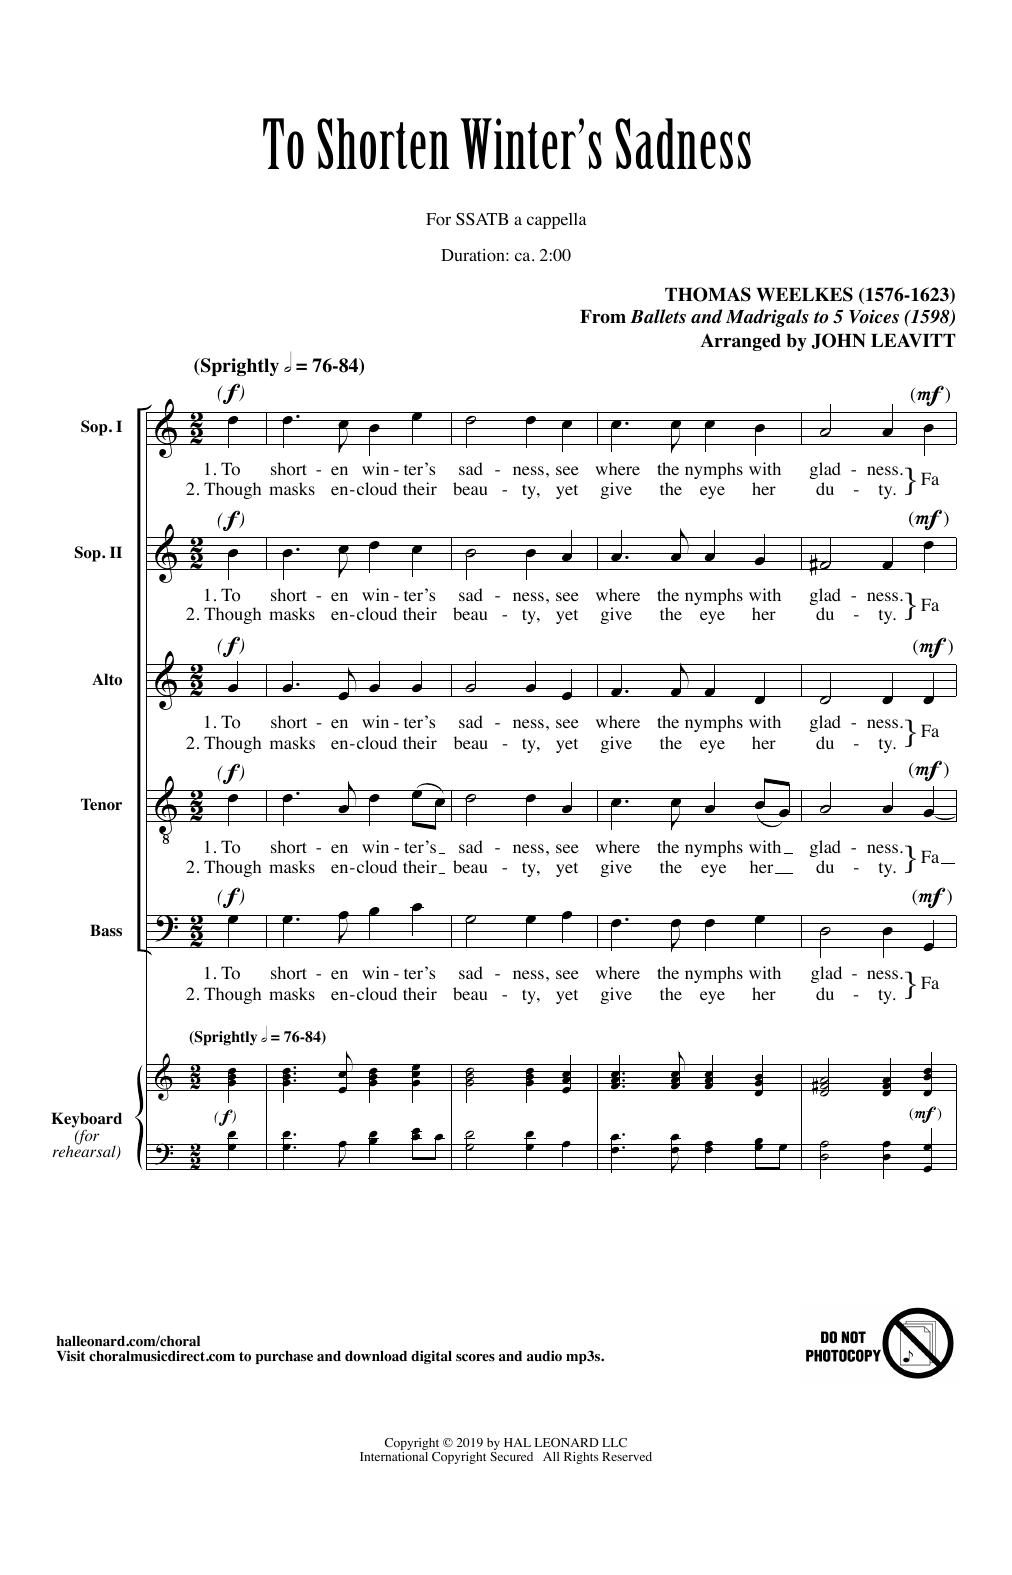 To Shorten Winter's Sadness (arr. John Leavitt) (SATB Choir)